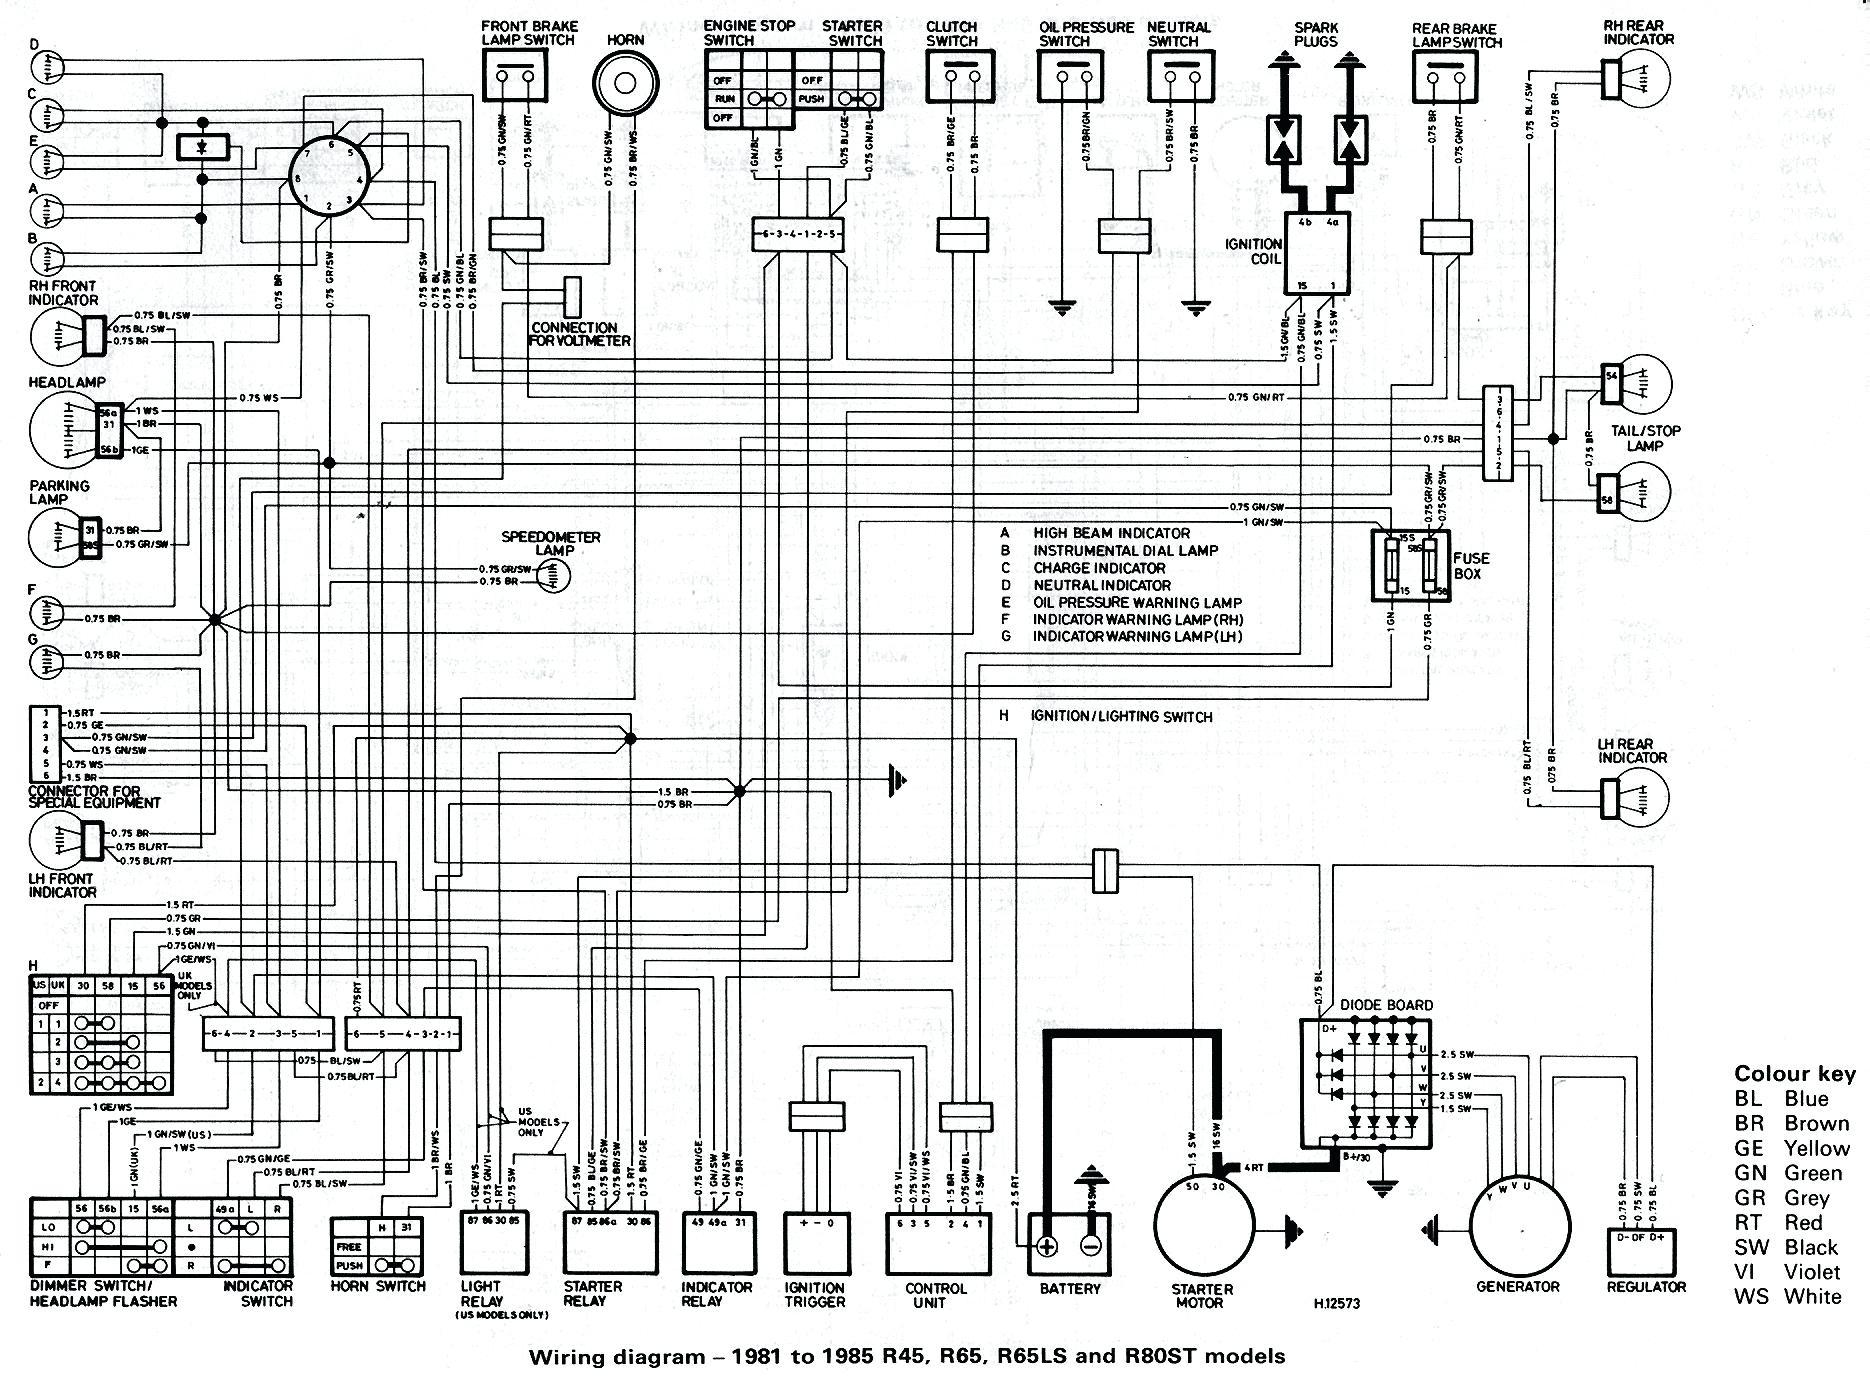 Peachy 1979 Camaro Wiring Harness Wiring Diagram Database Wiring Cloud Ittabpendurdonanfuldomelitekicepsianuembamohammedshrineorg